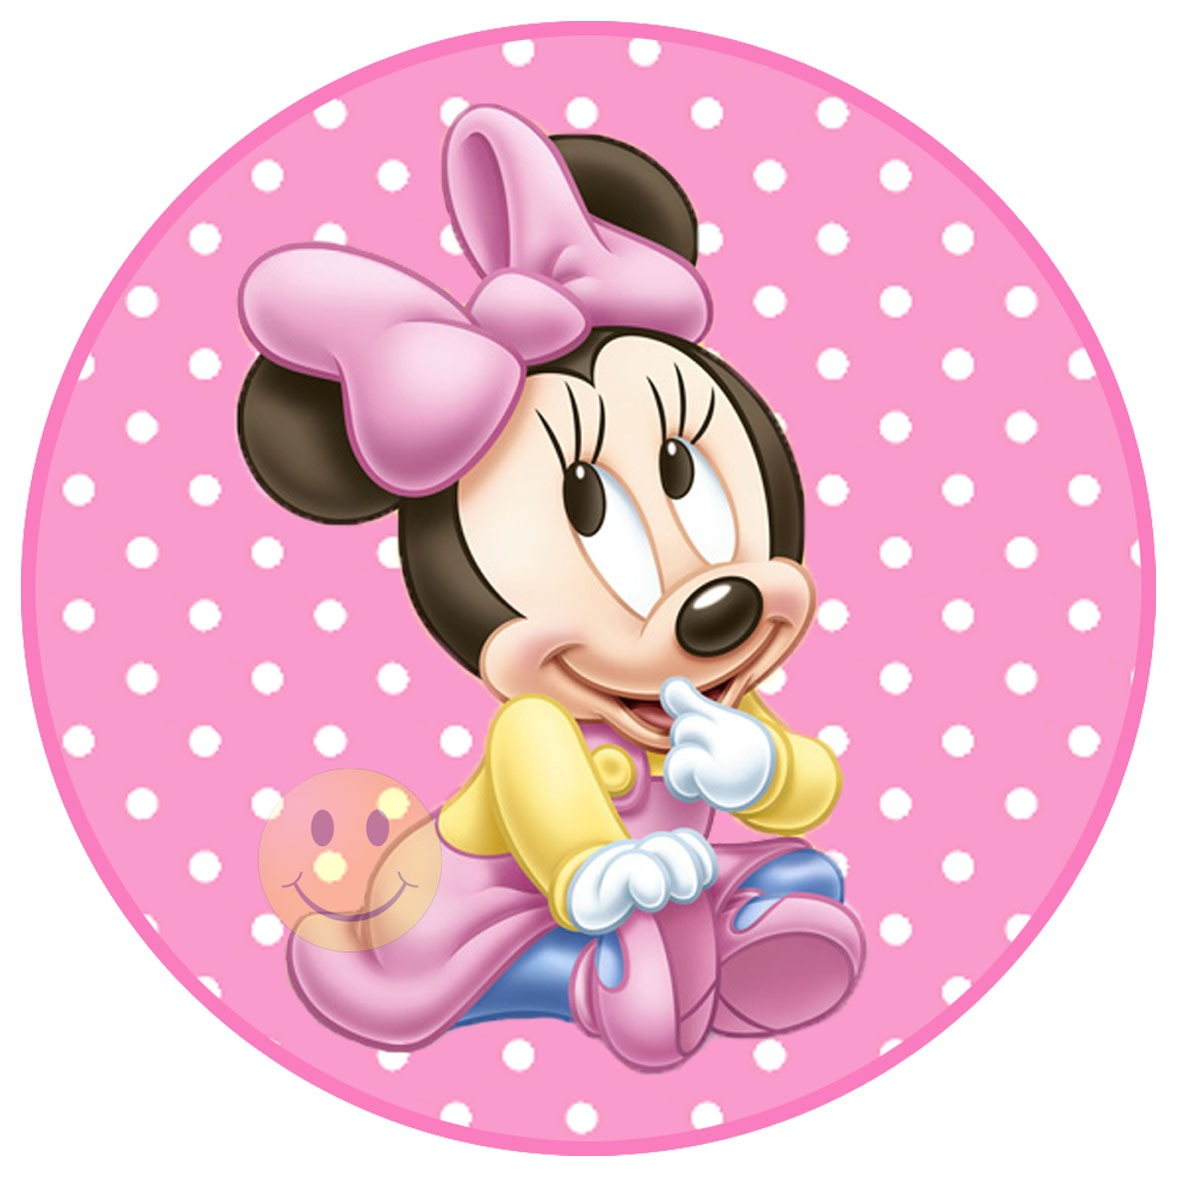 Fotos De Mini Mouse Cliparts co